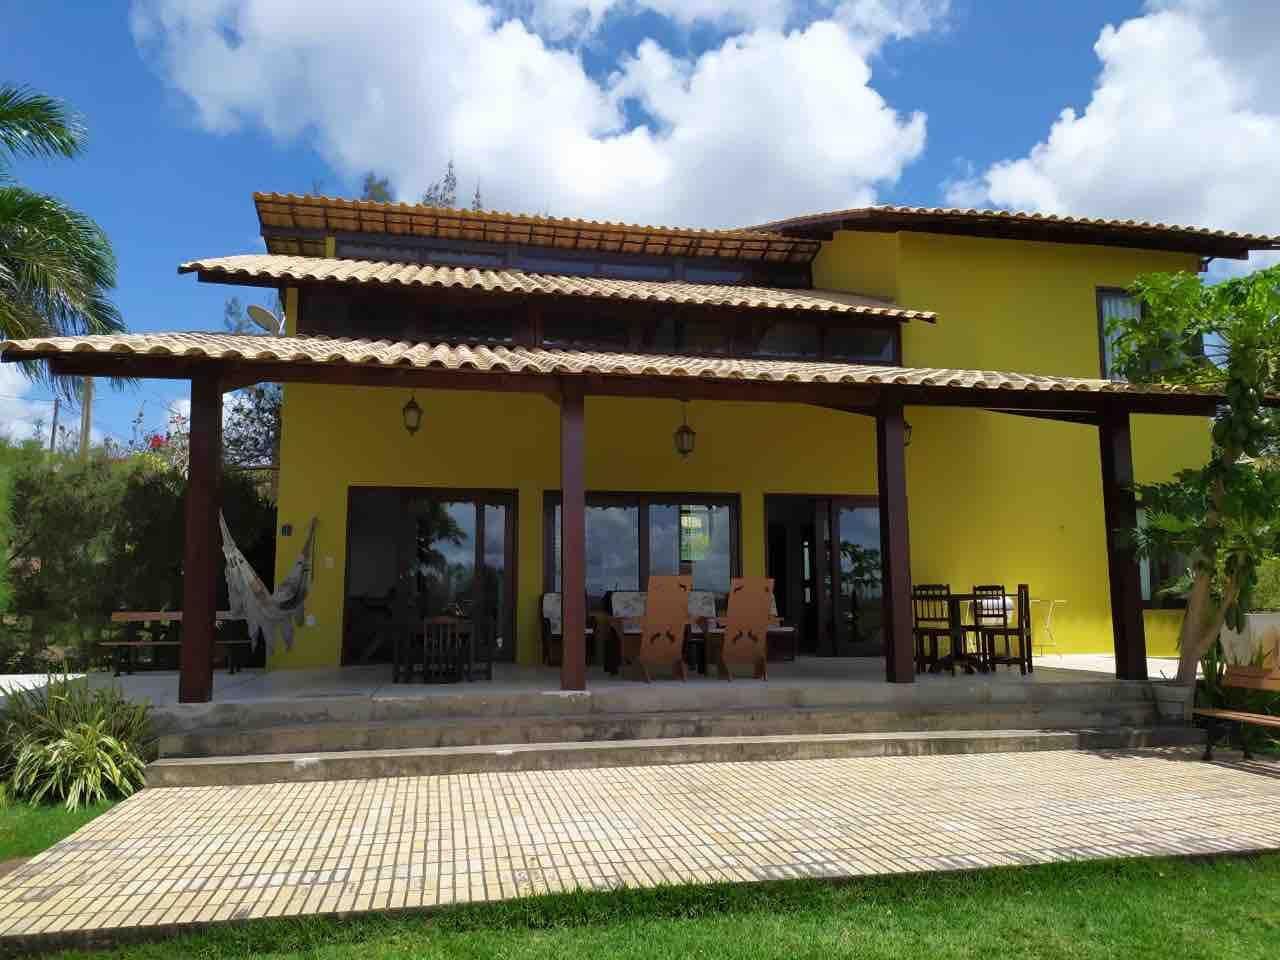 Uma das mais lindas casas de Gravatá projetada pelo arquiteto Renato Menezes .